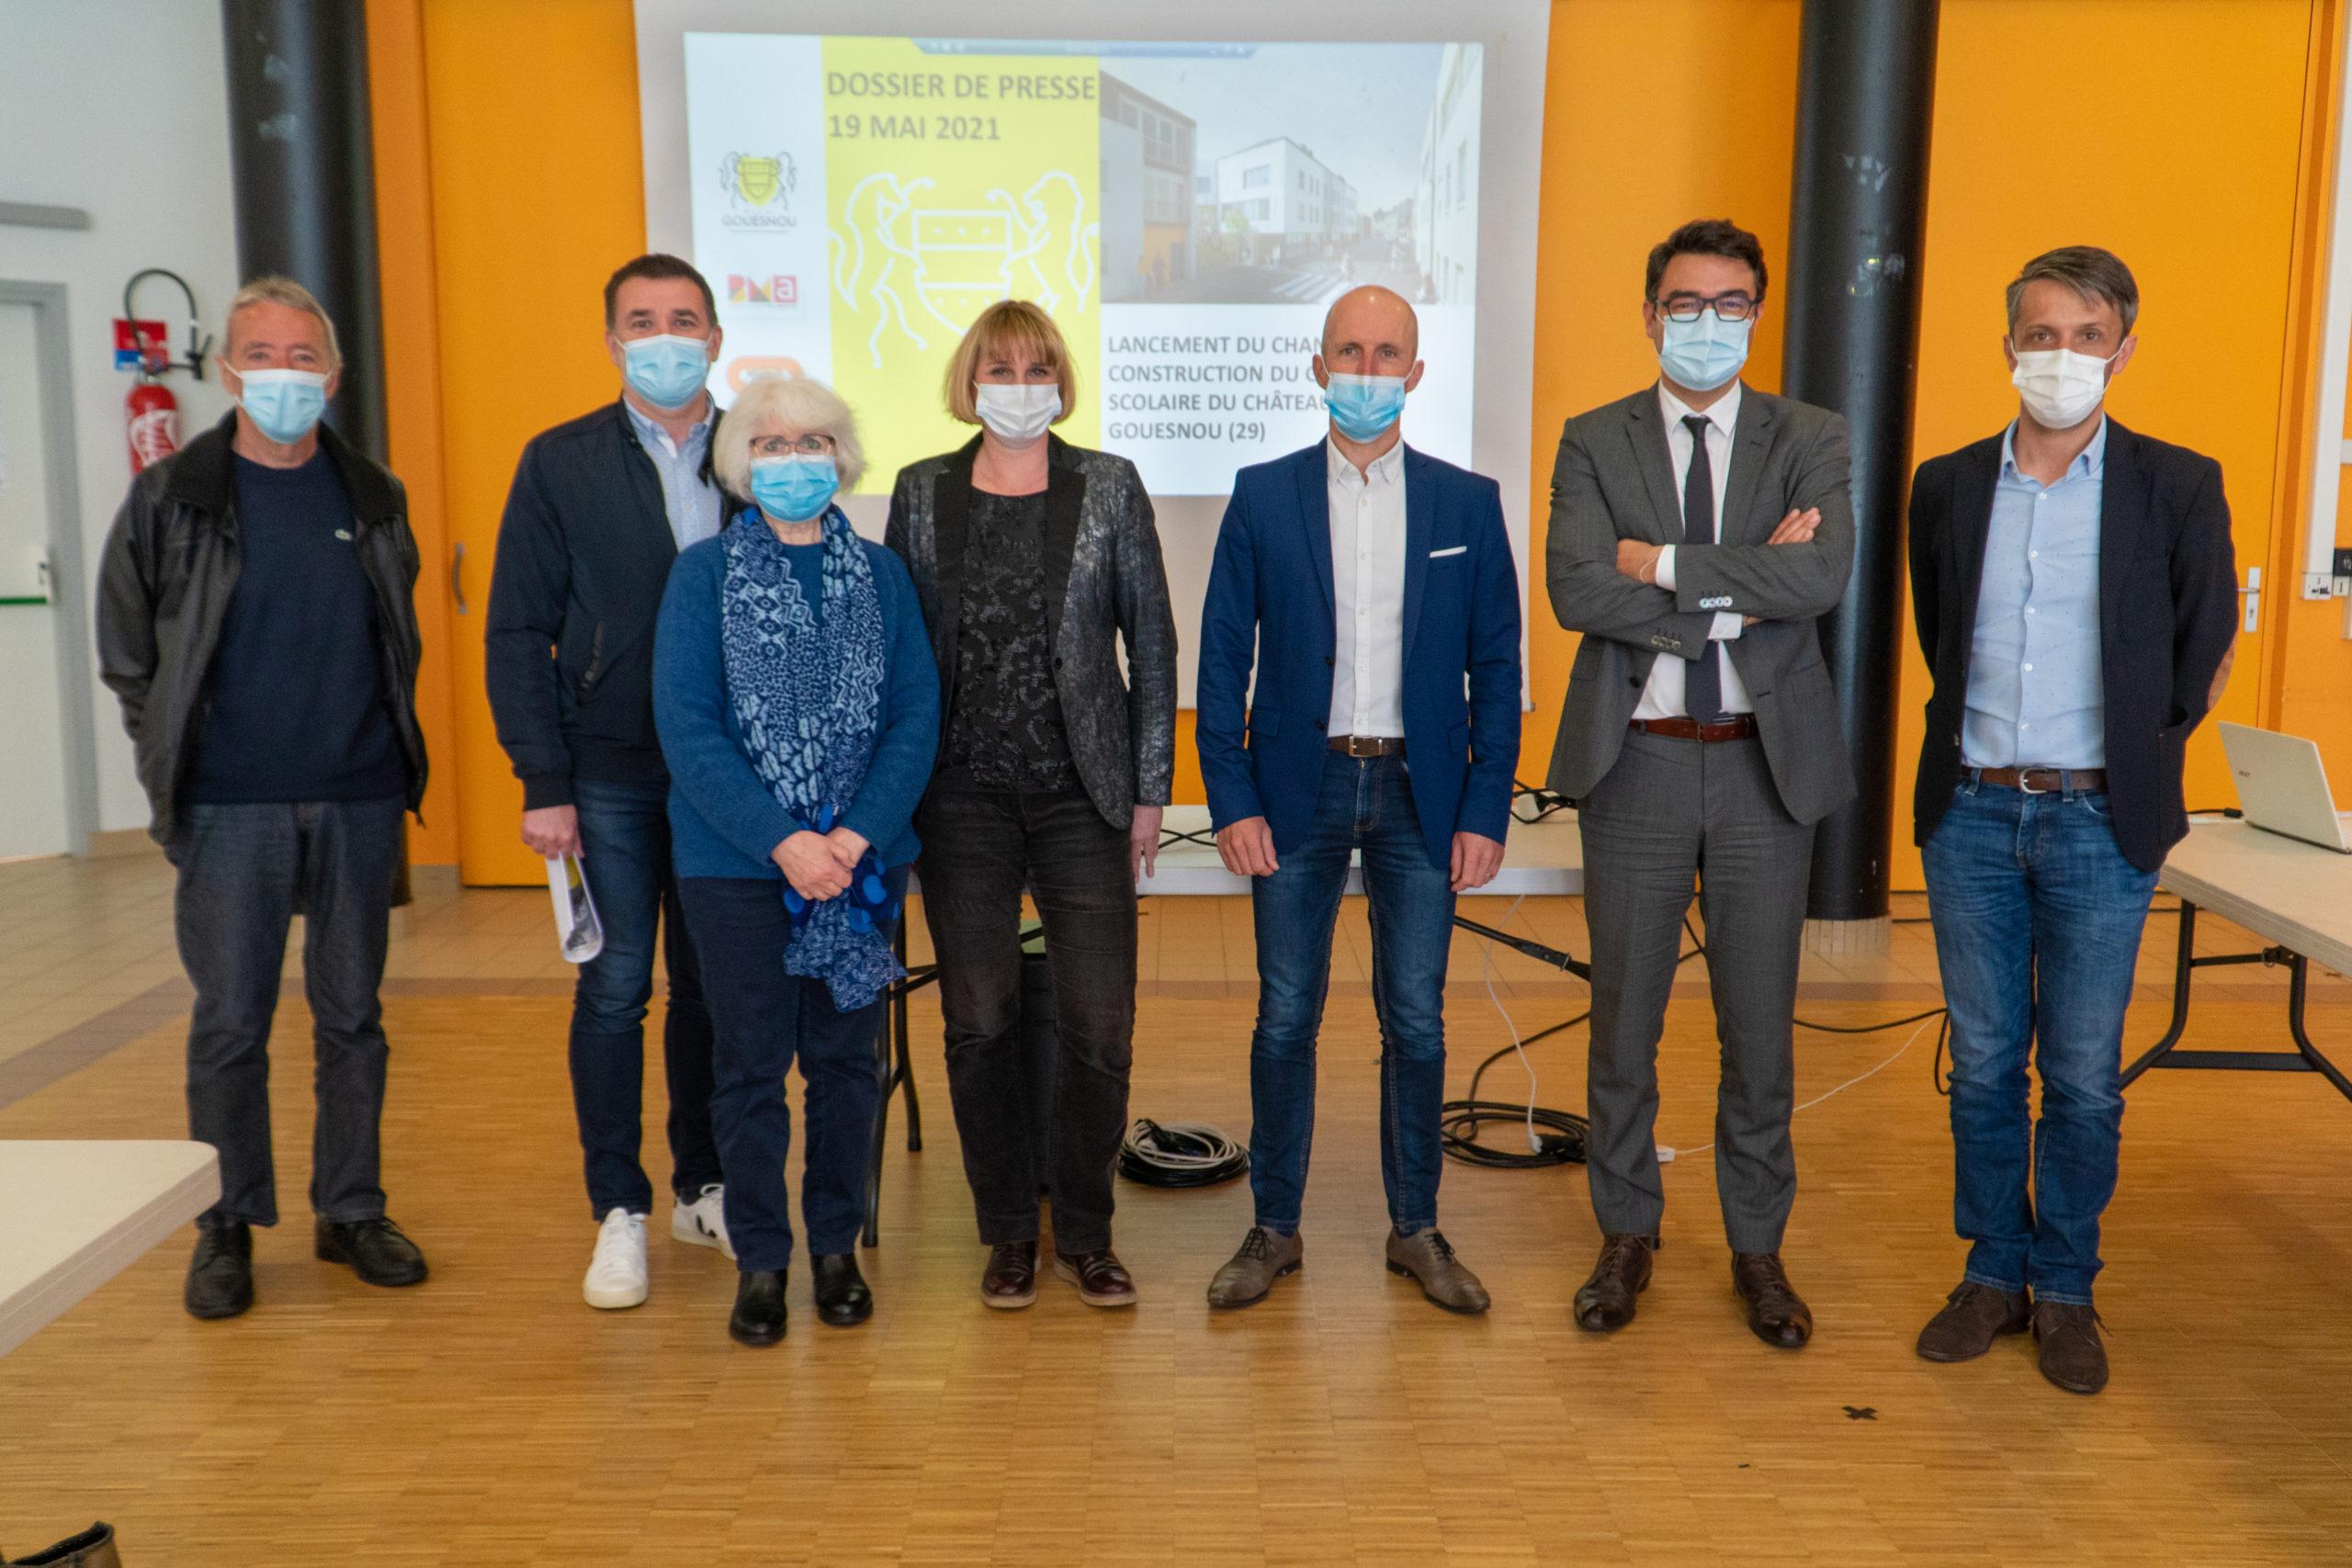 Ecole nouvelle génération à Gouesnou : lancement du chantier